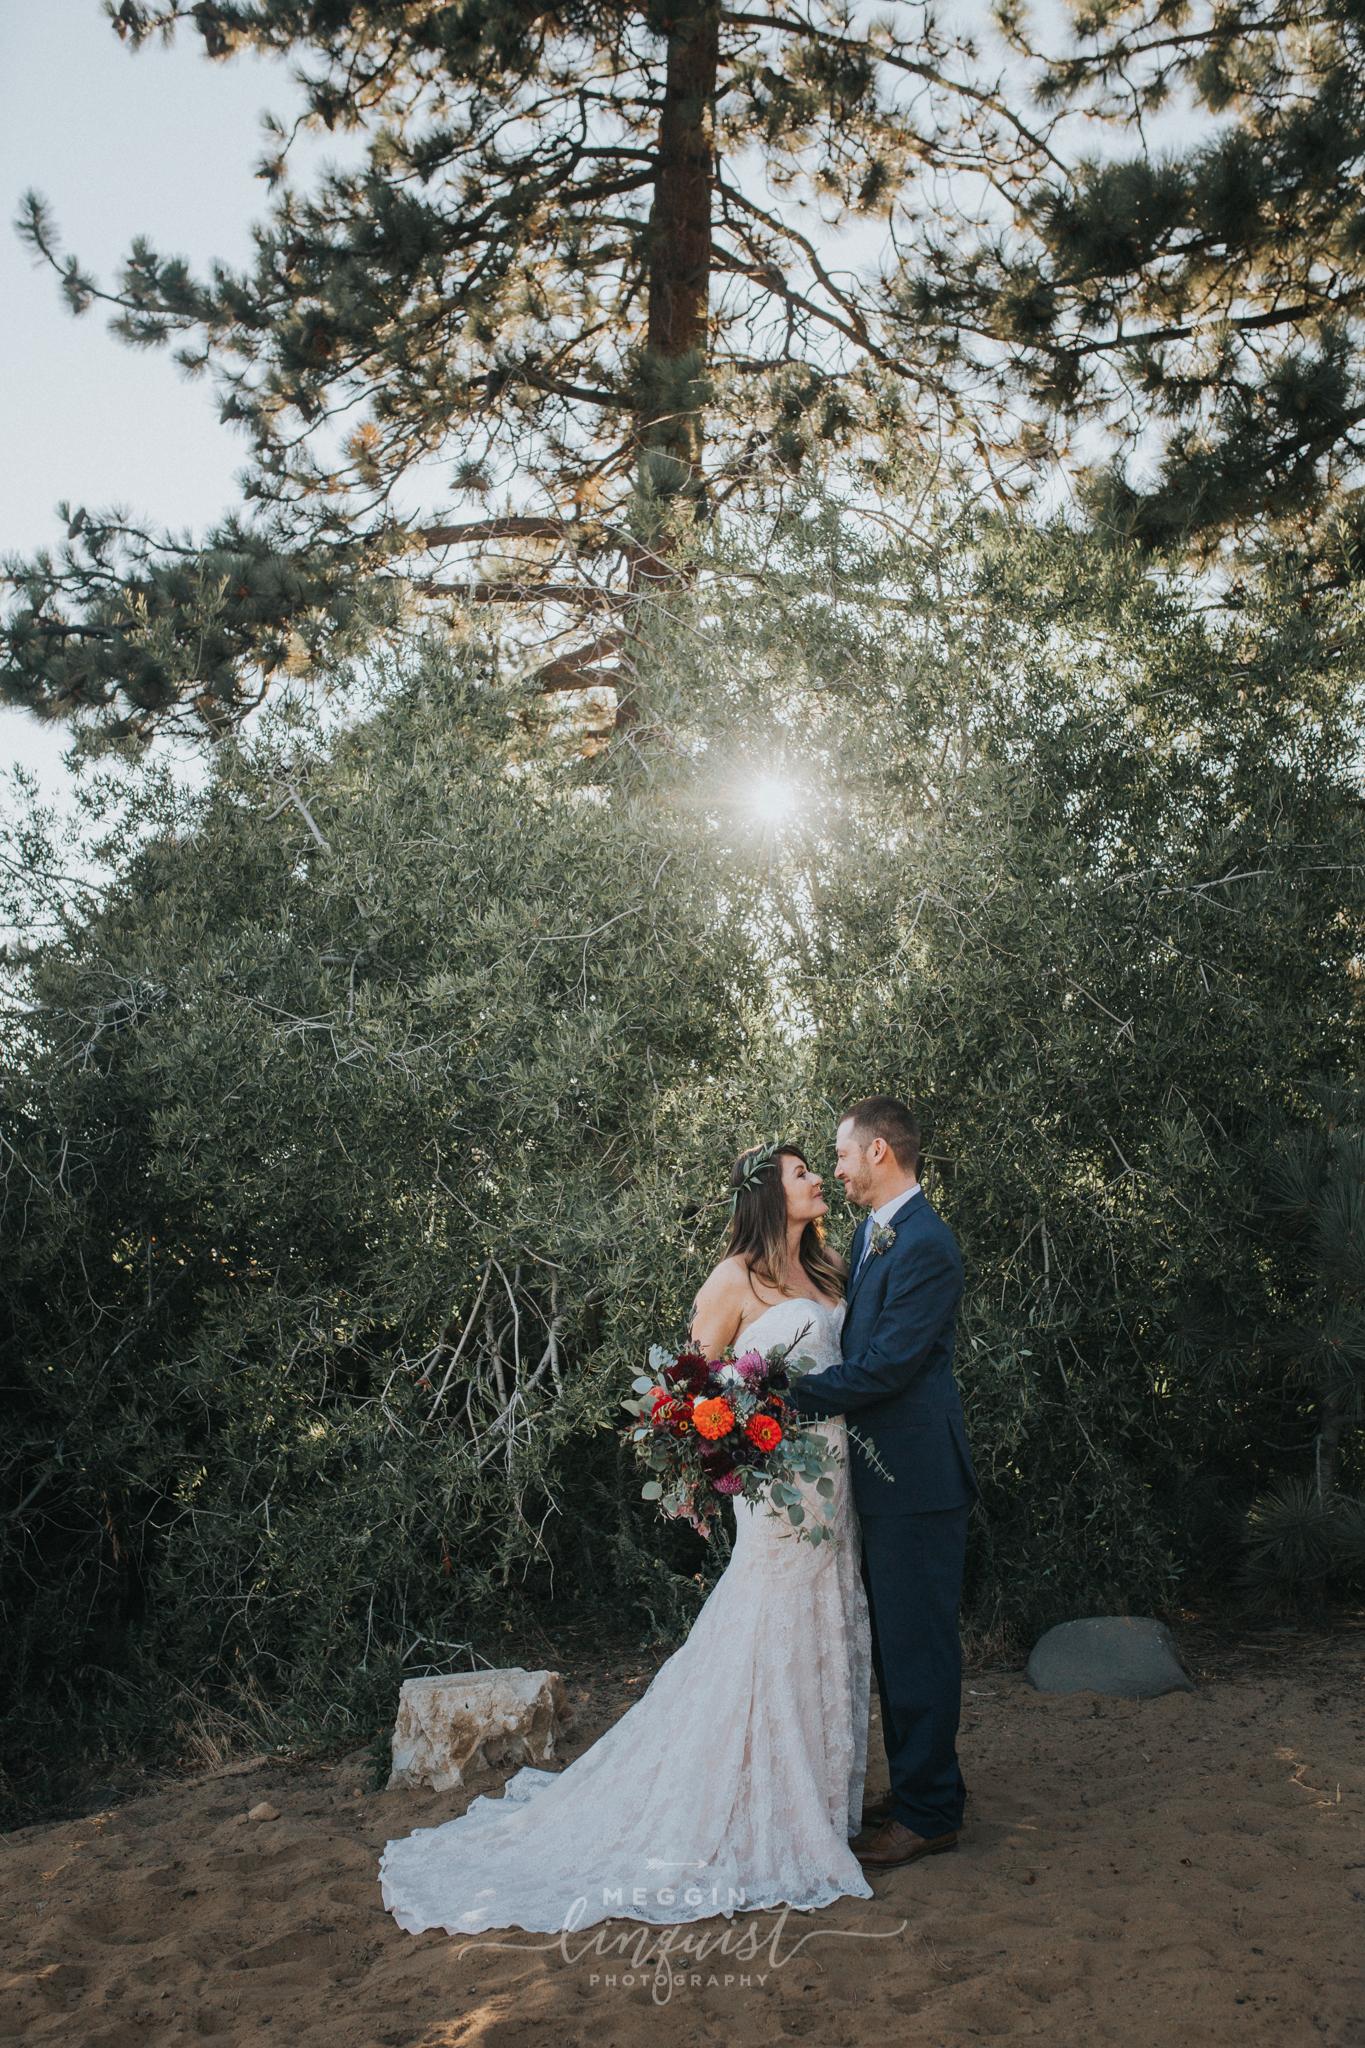 bohemian-style-lake-wedding-reno-lake-tahoe-wedding-photographer-25.jpg